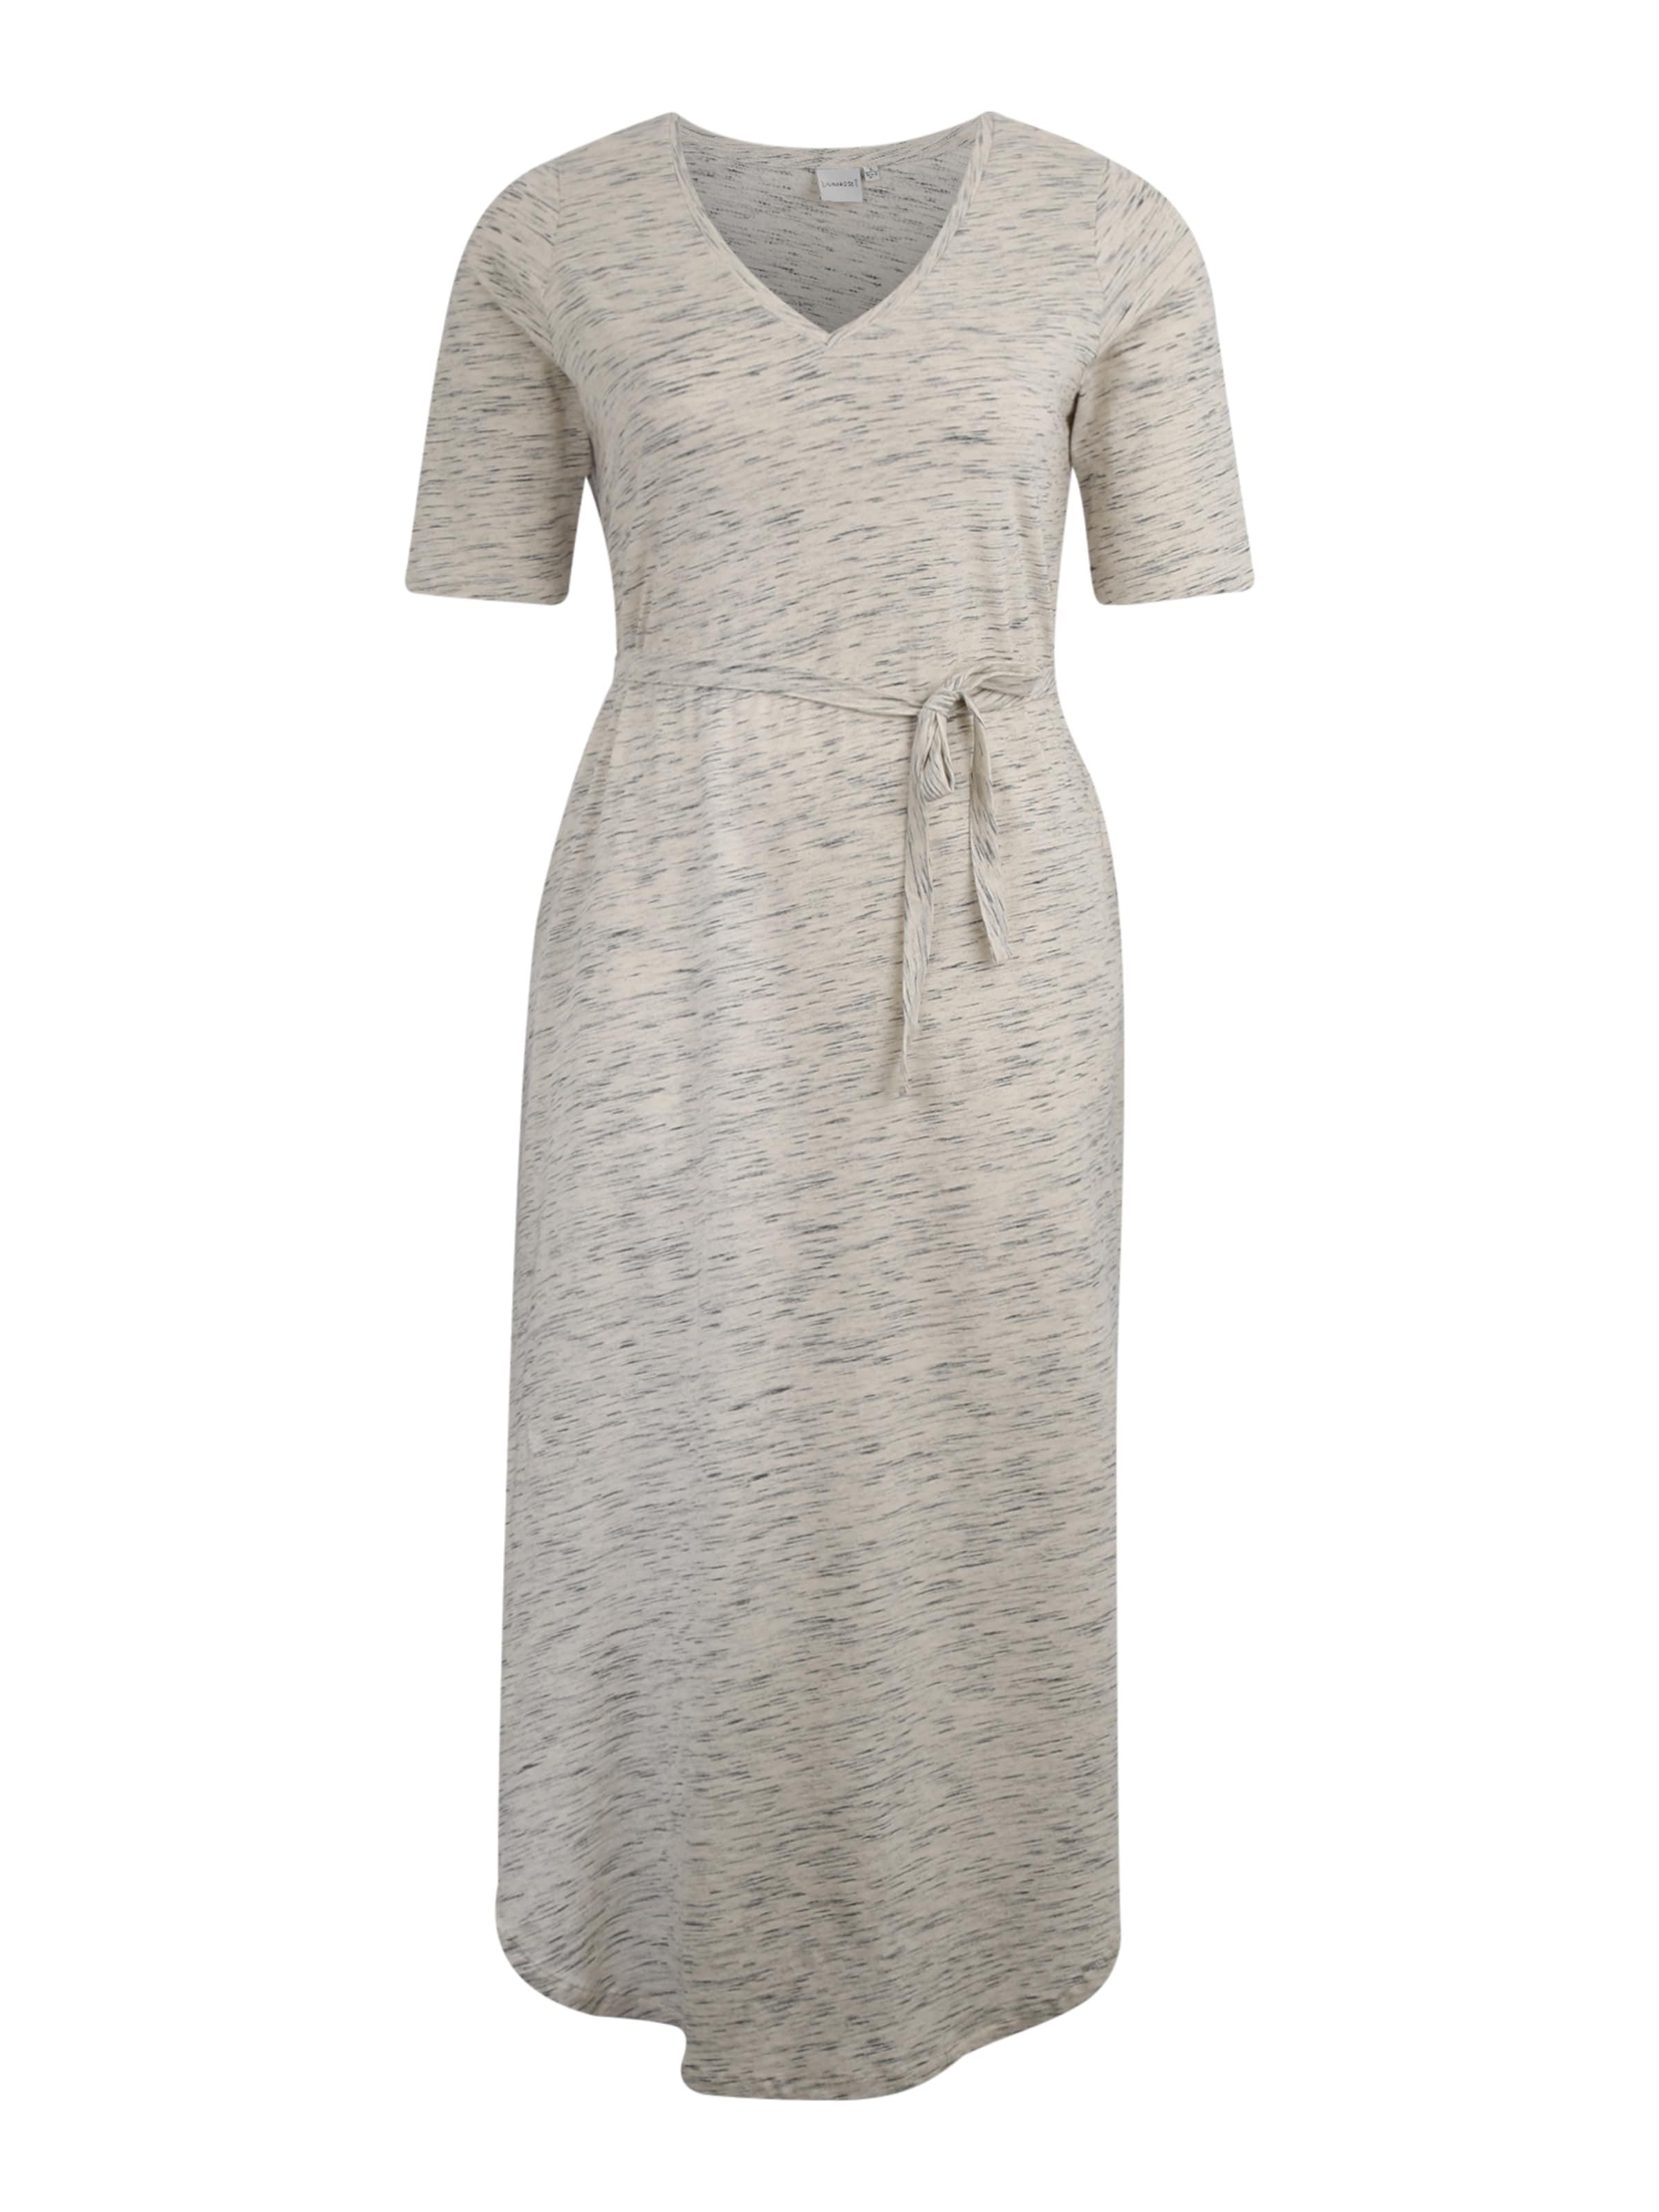 In GraumeliertSchwarz Junarose 'macaela' Kleid Kleid Junarose yN0O8nvmw